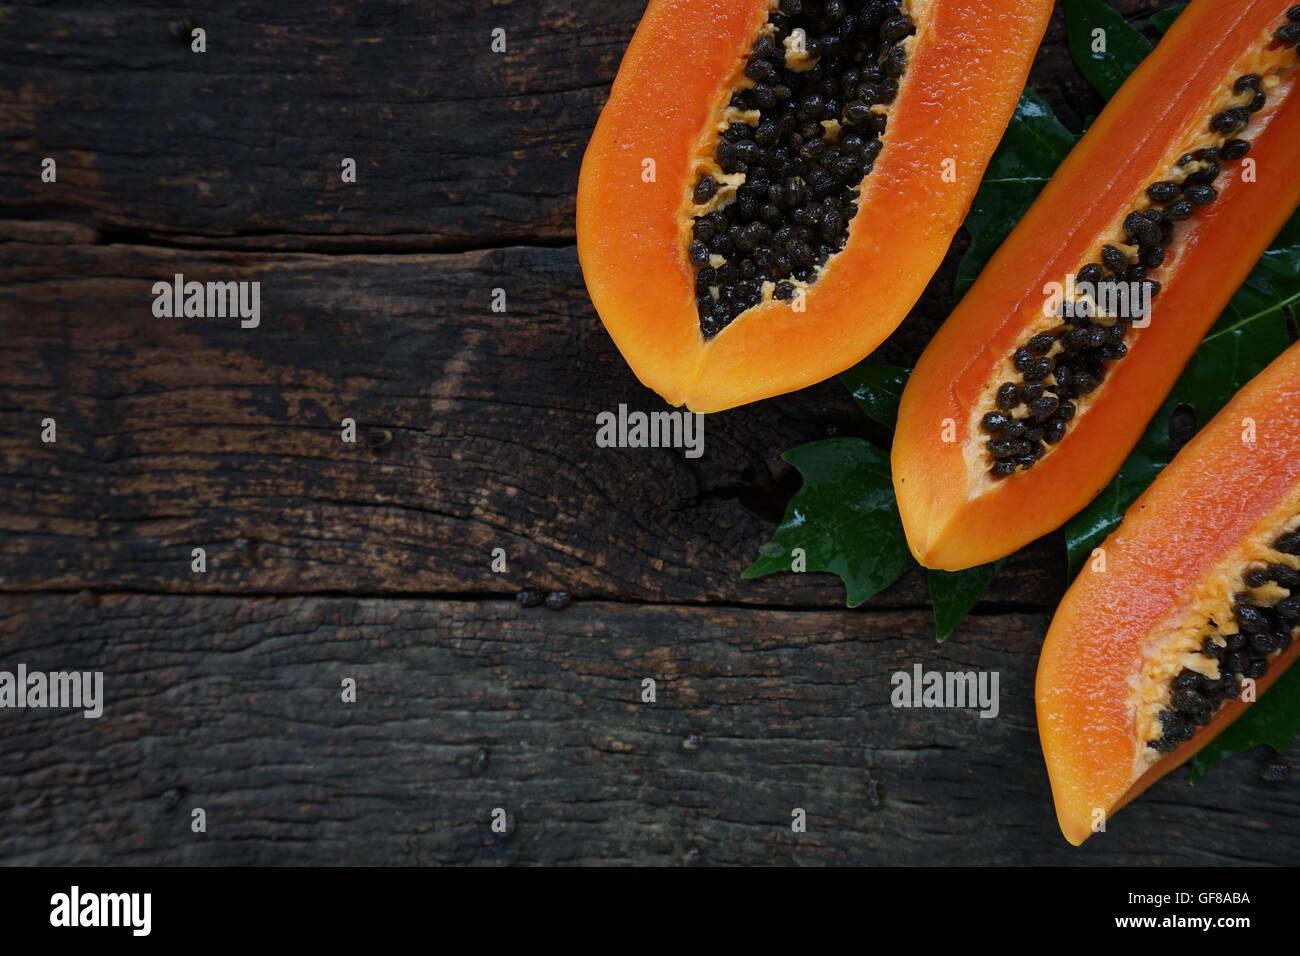 Vue de dessus de la papaye mûre avec feuille verte sur fond de bois ancien. Photo Stock